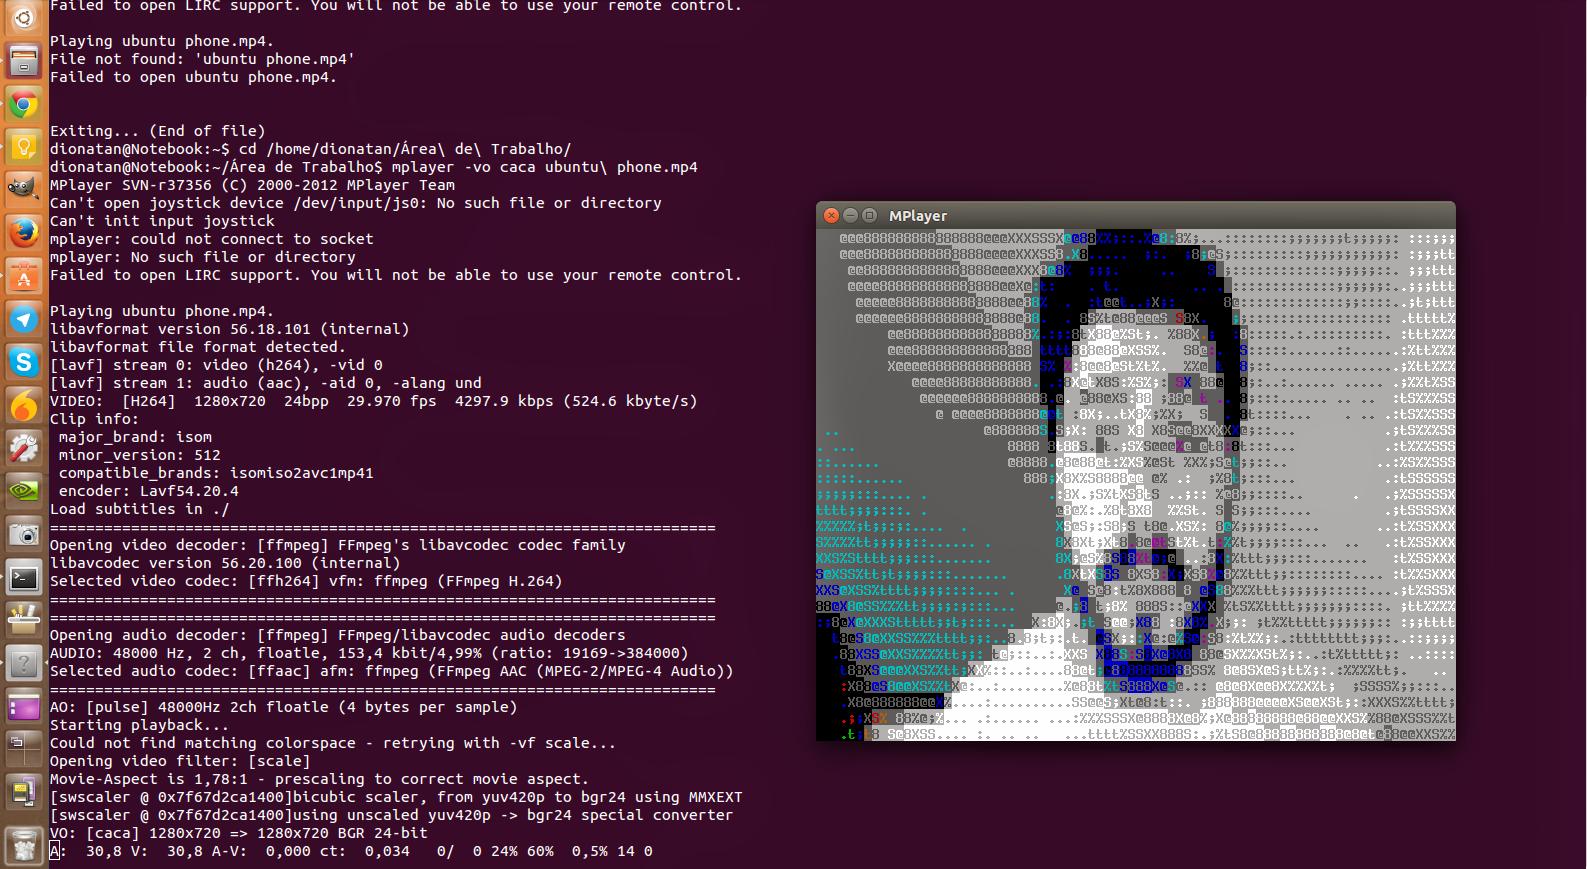 Como ouvir músicas e assistir vídeos pelo terminal - Diolinux - O